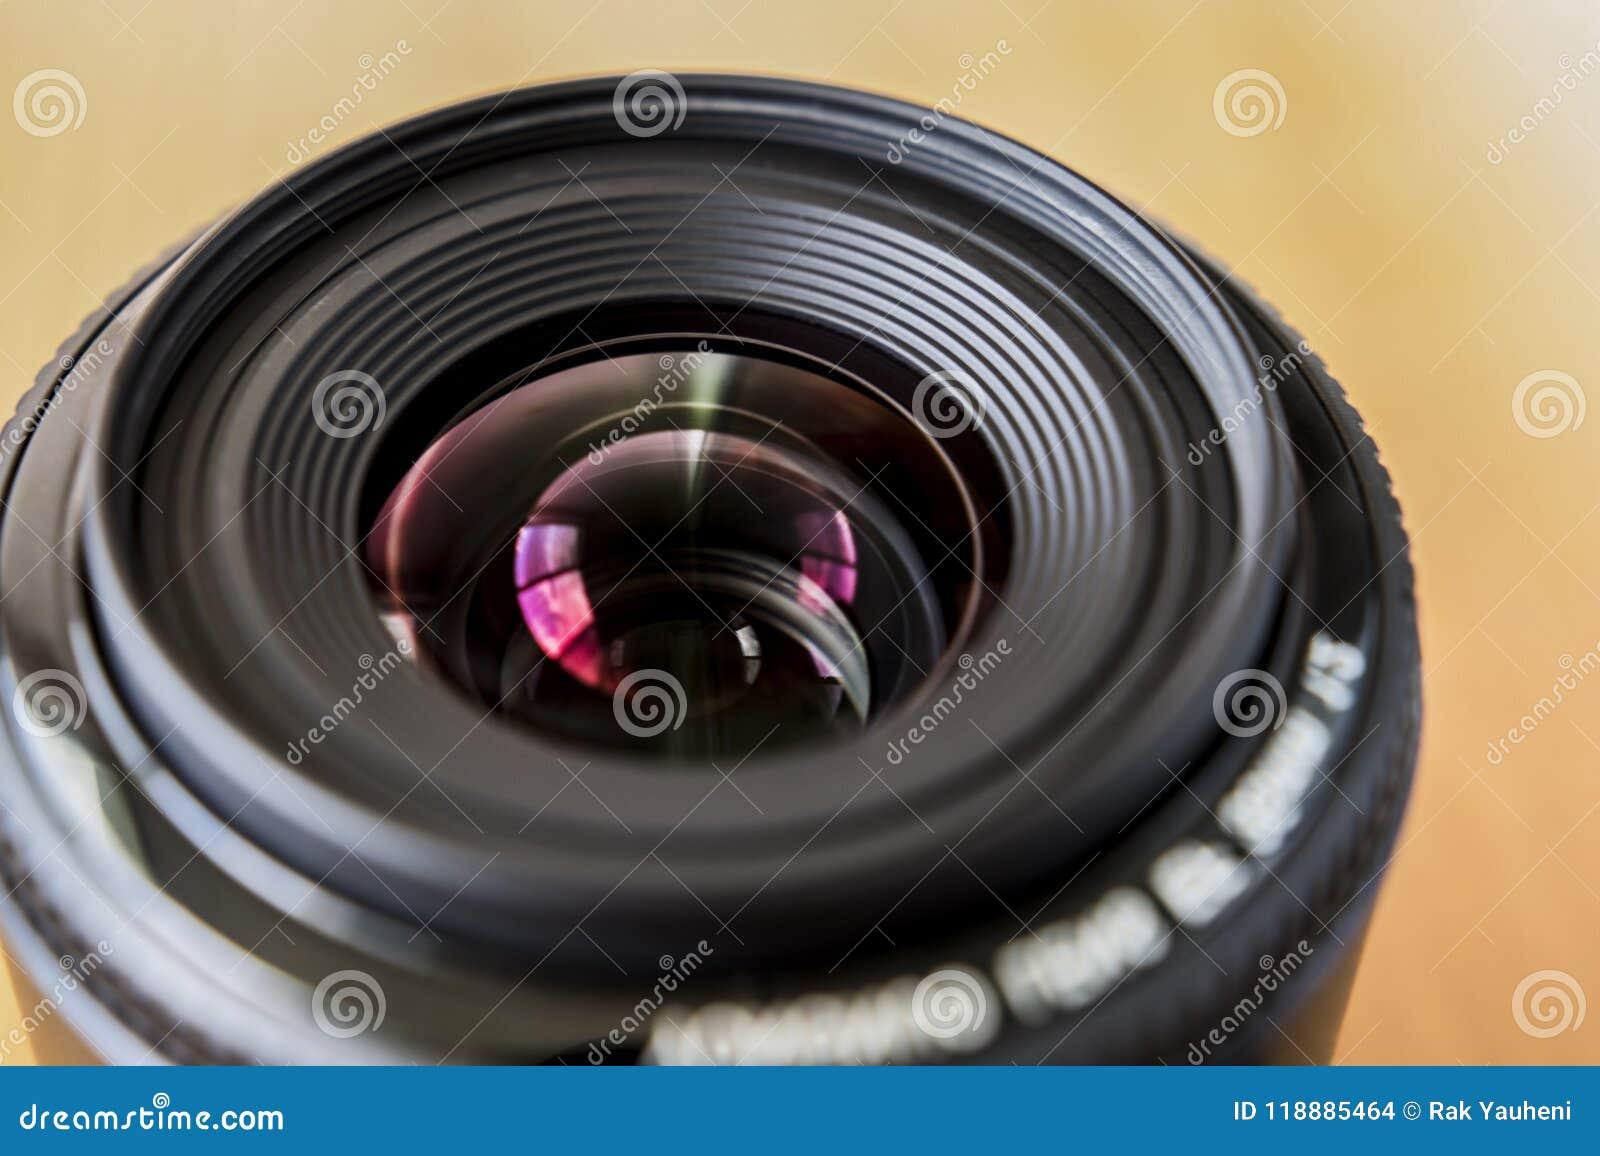 Weitwinkelobjektiv Ein helles Foto der Linse 35 Millimeter